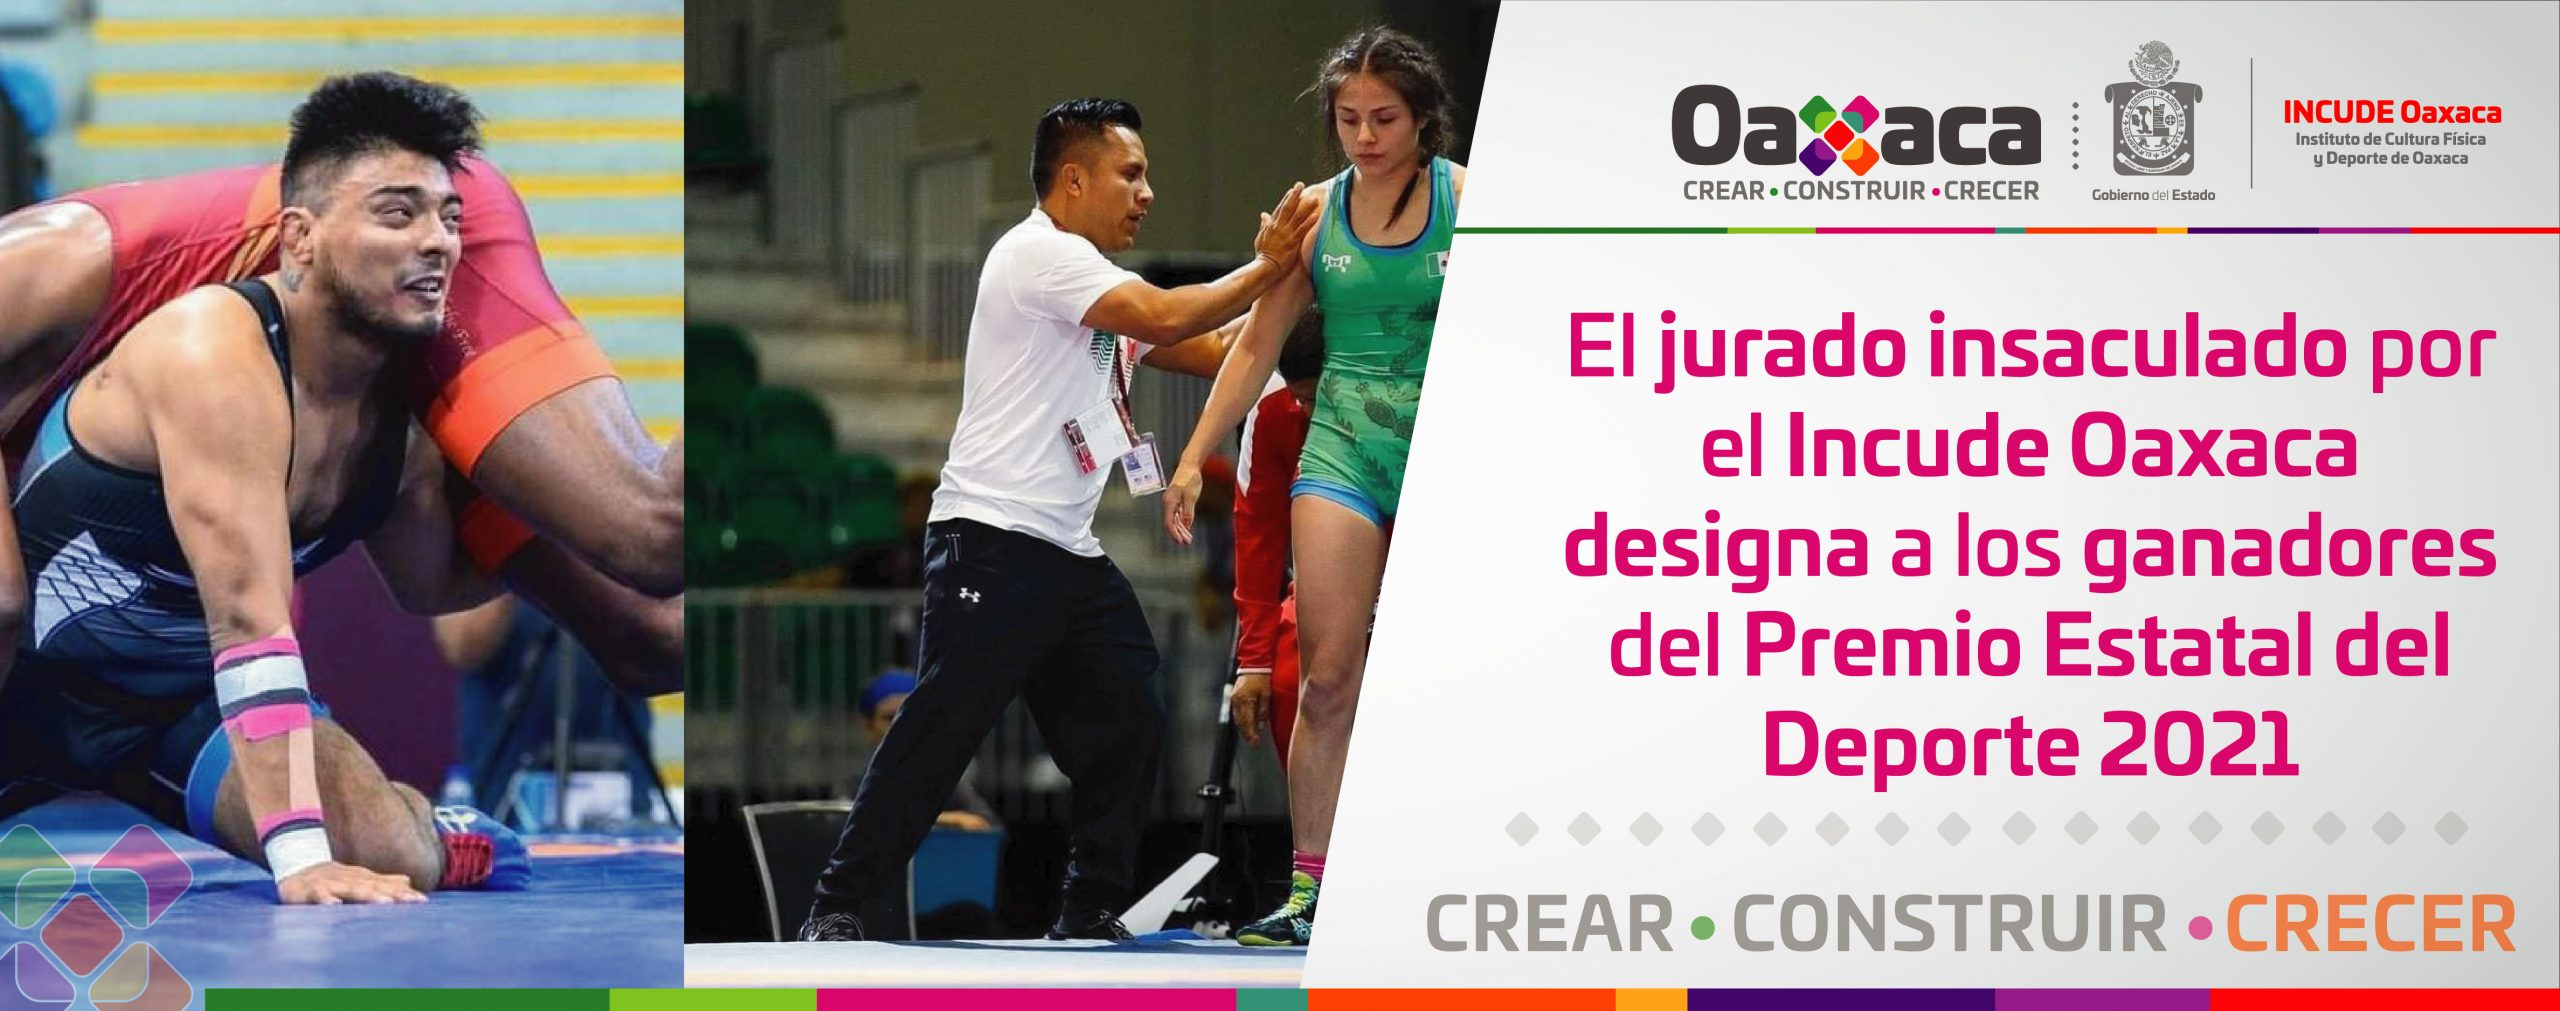 El jurado insaculado por el Incude Oaxaca designa a los ganadores del Premio Estatal del Deporte 2021